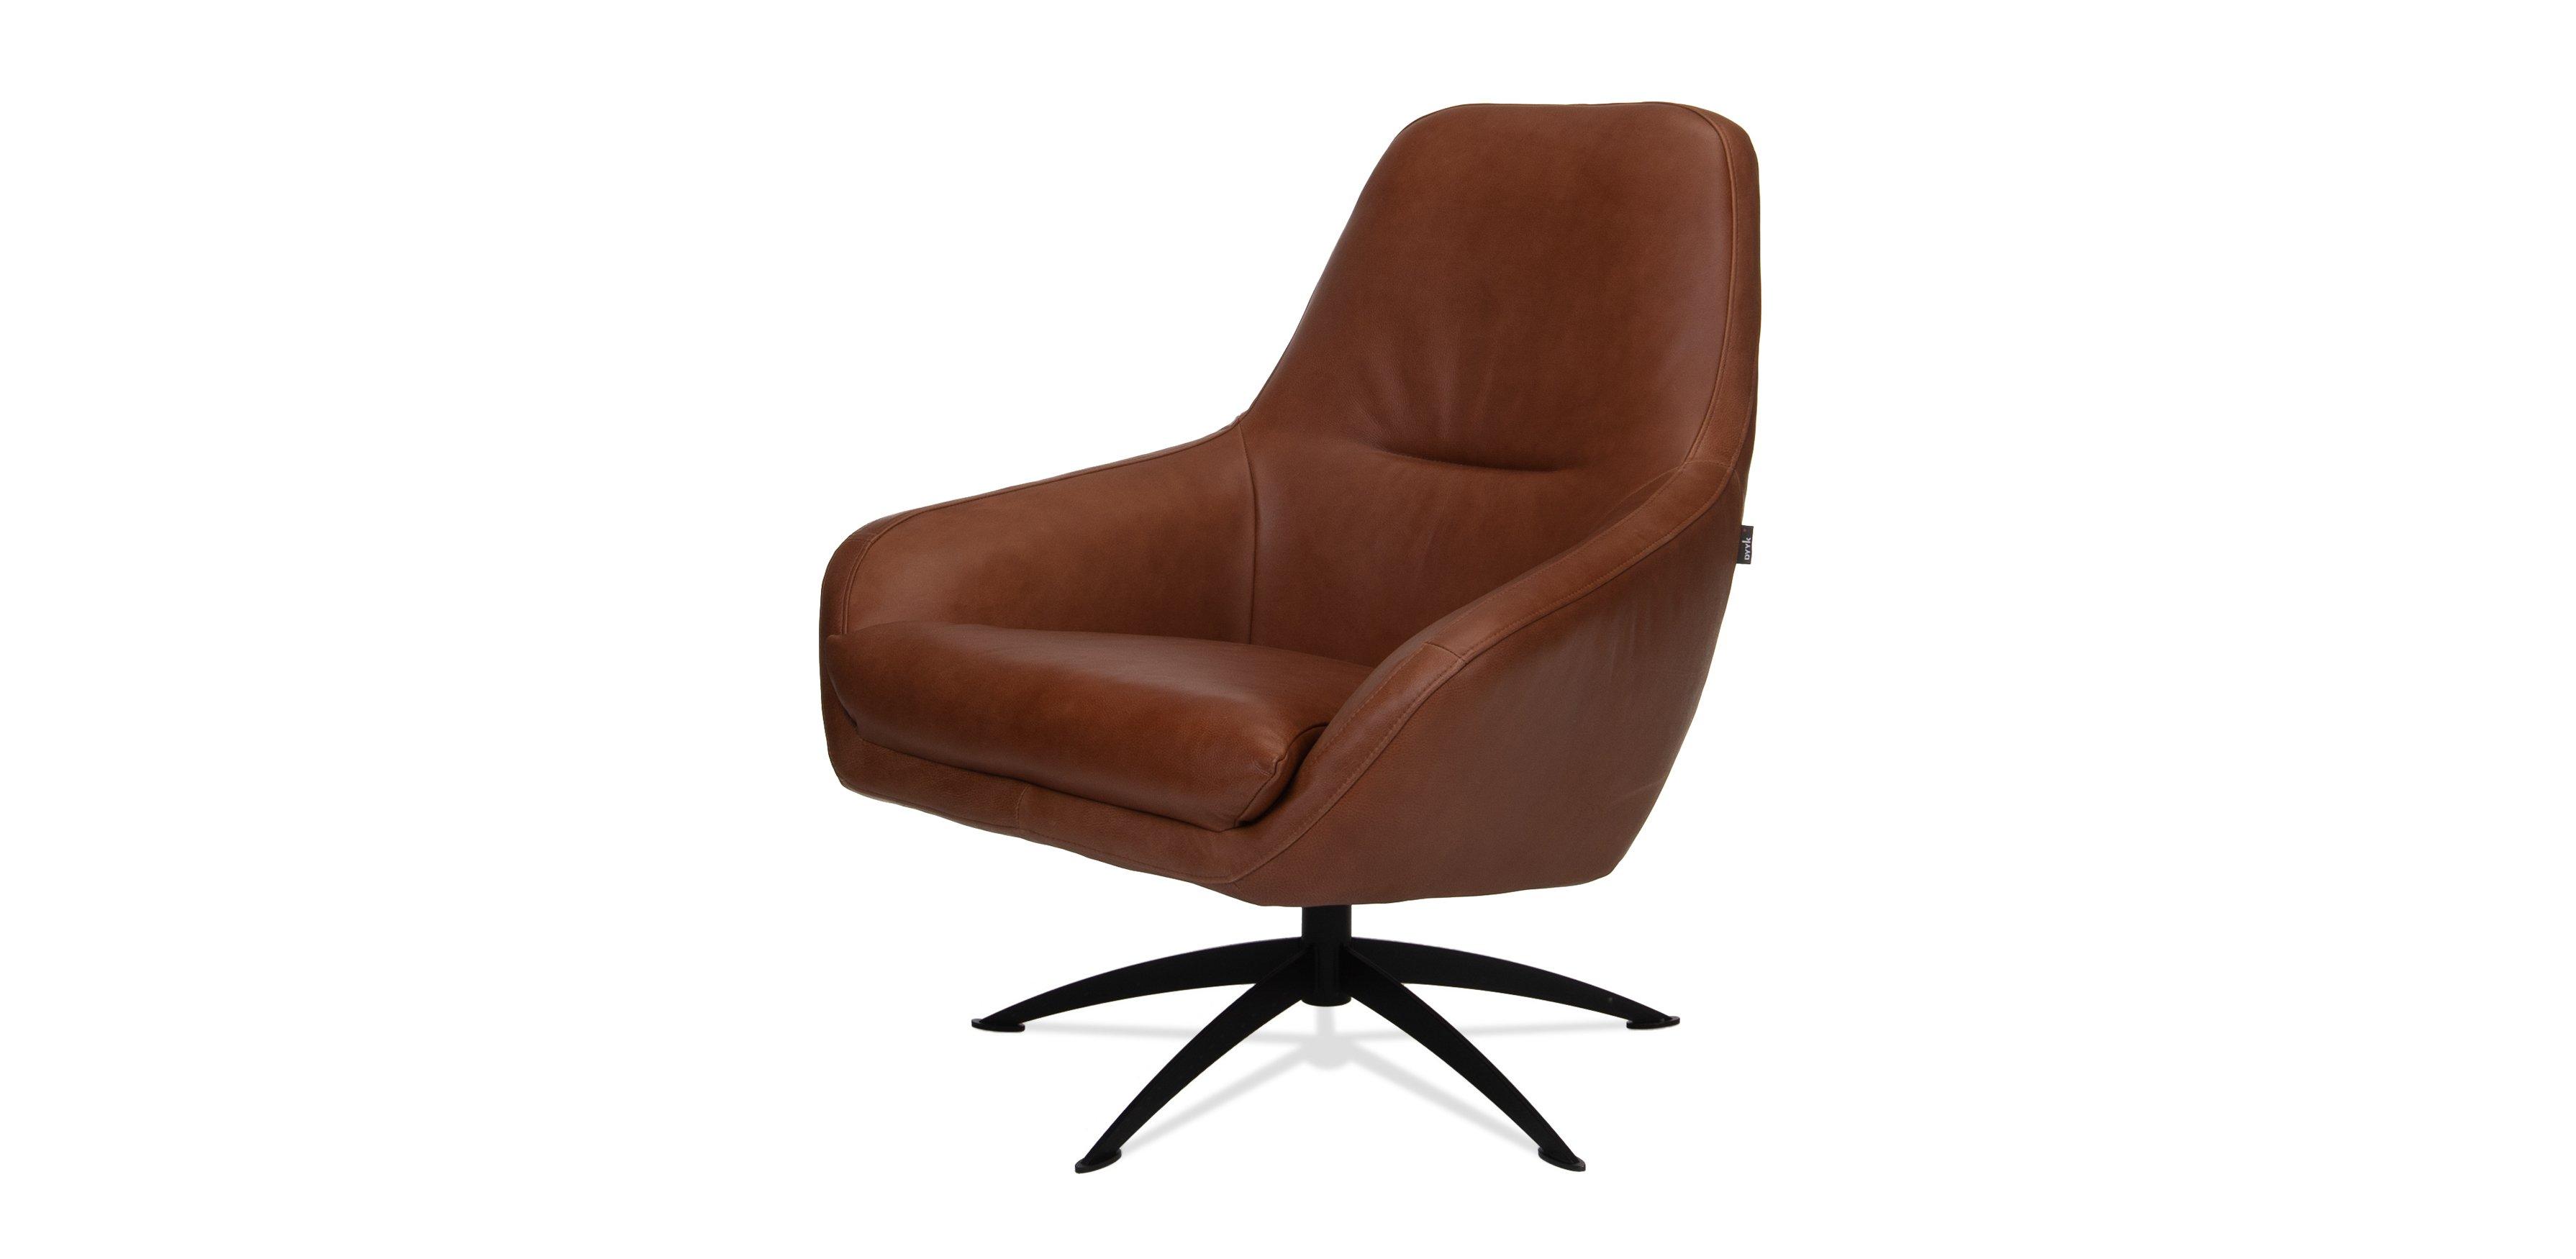 Specter fauteuil DYYK 1